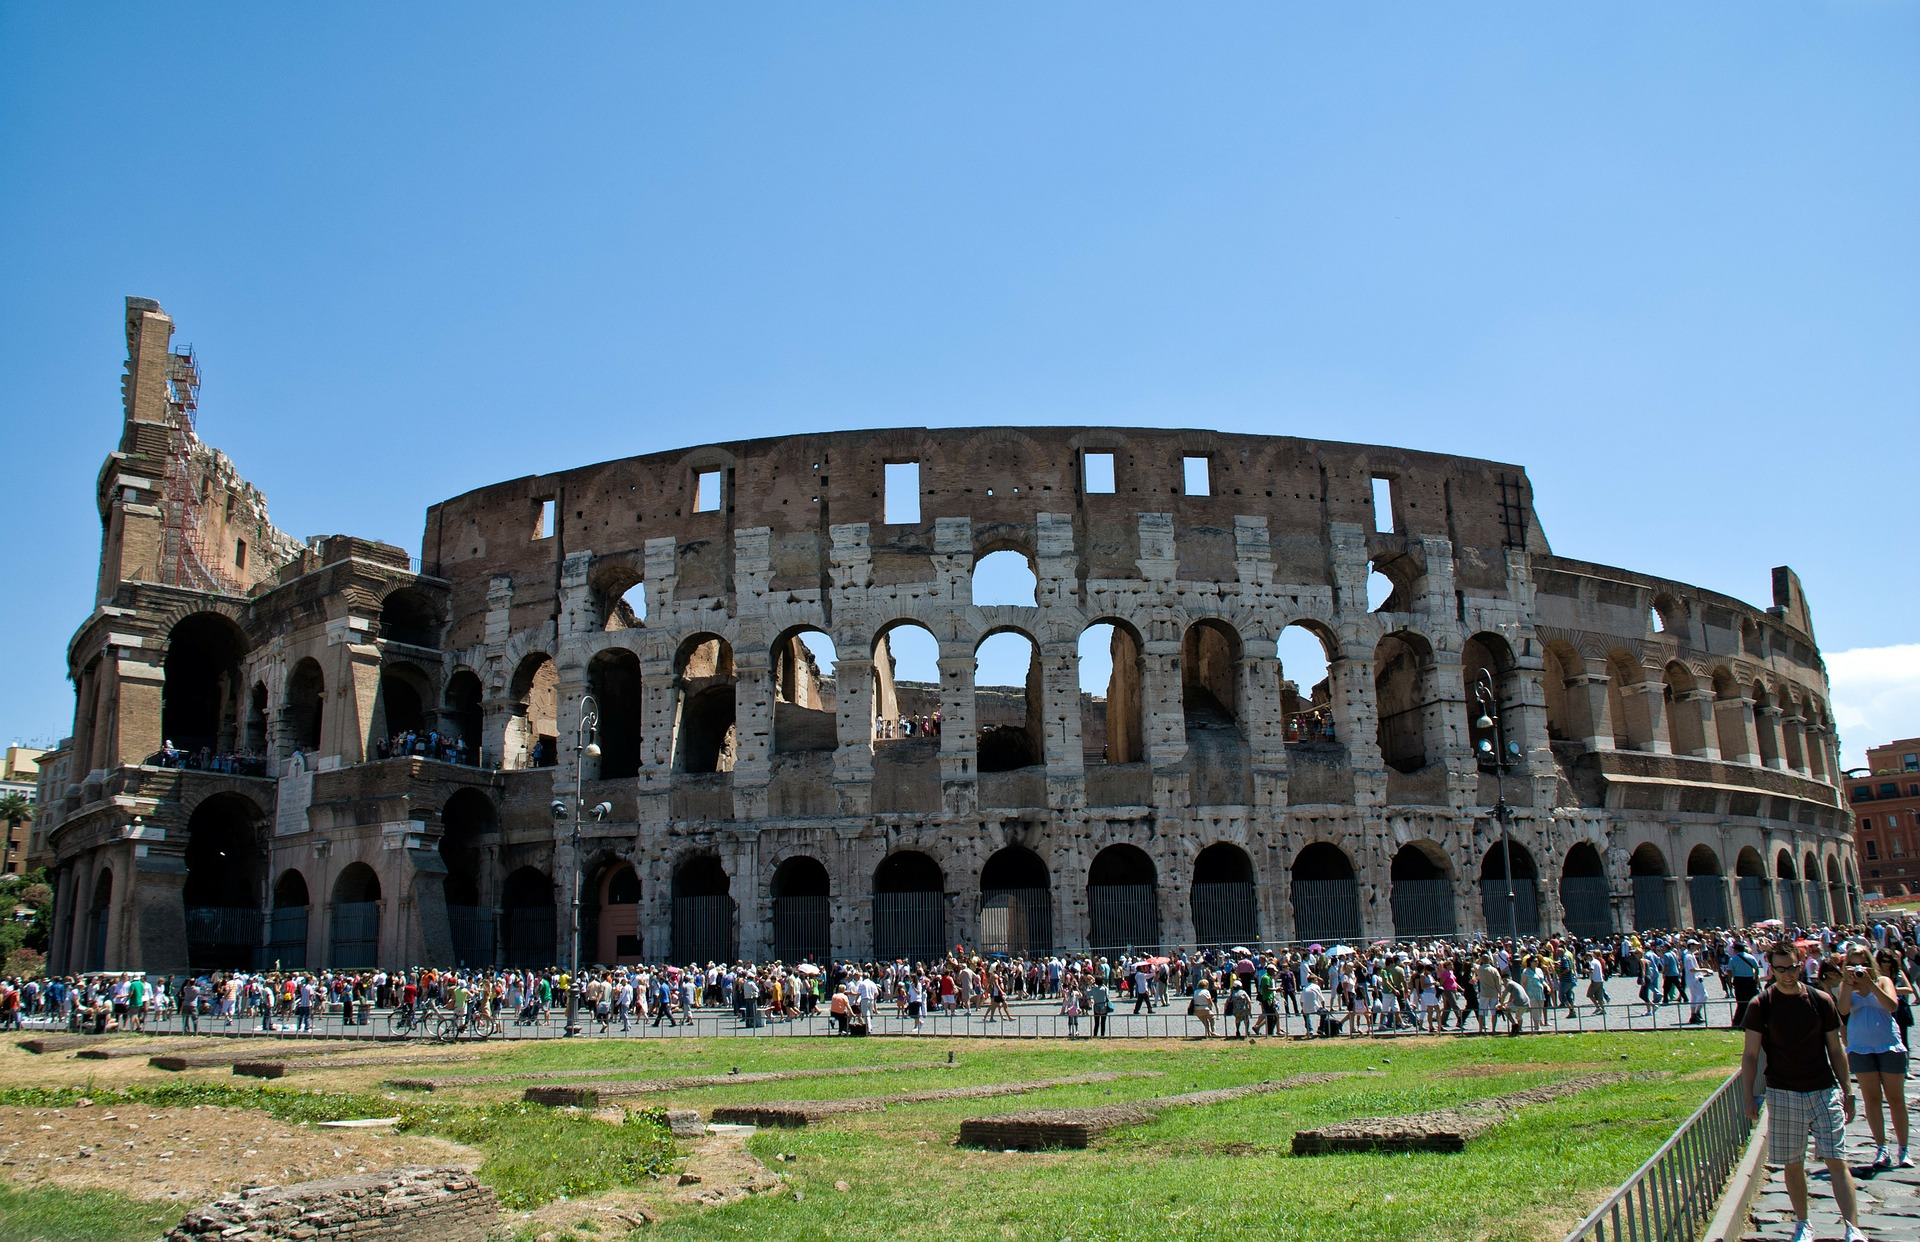 10 saker du inte visste om Colosseum